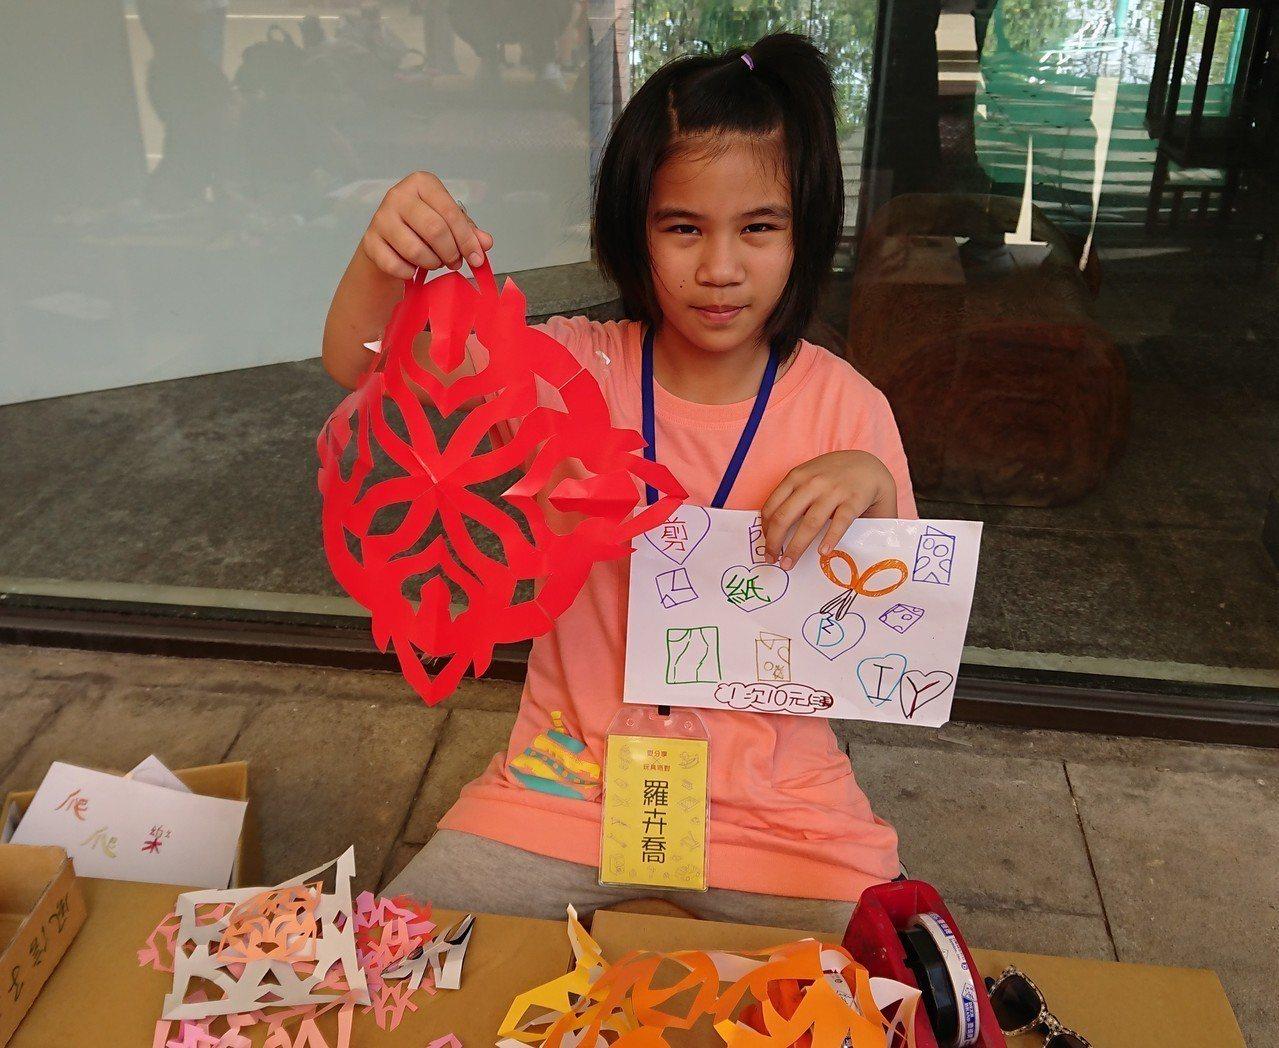 熱愛剪紙的羅卉喬隨手就能剪出一大張漂亮窗花,她展現天分當起小老師,相當有成就感。...